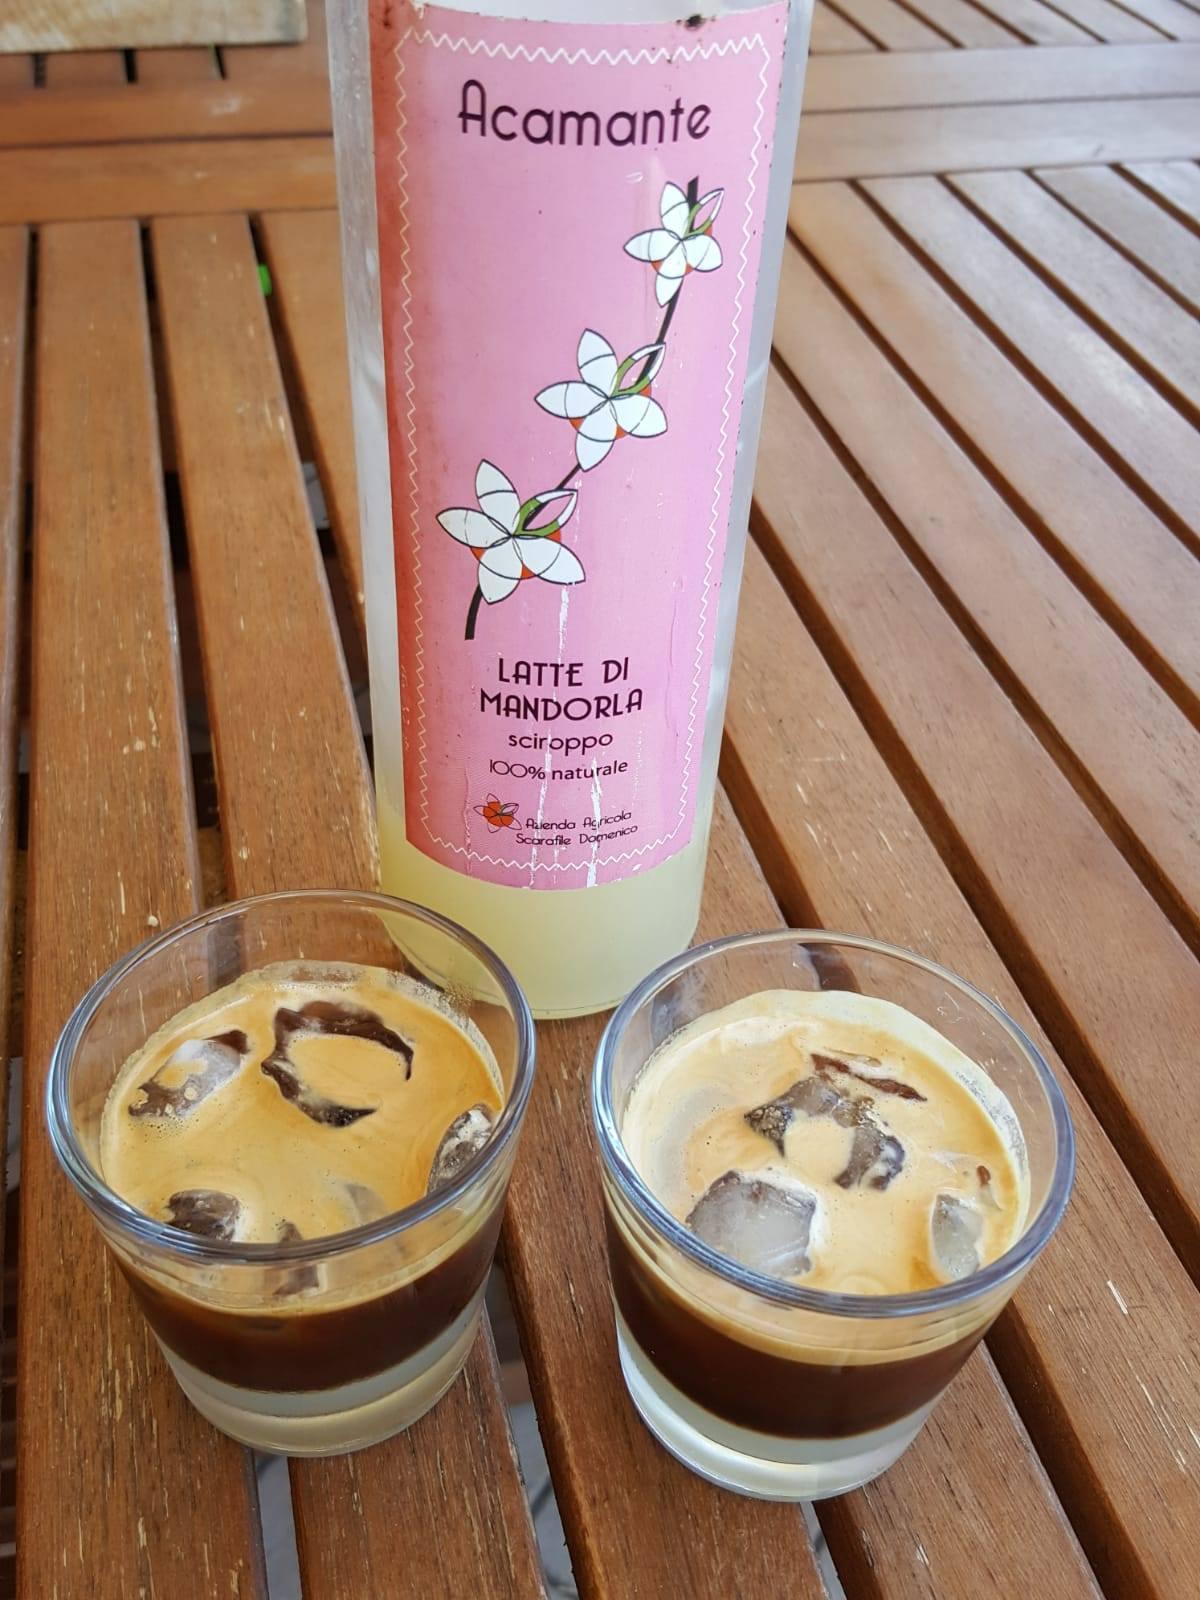 latte-mandorla-caffe